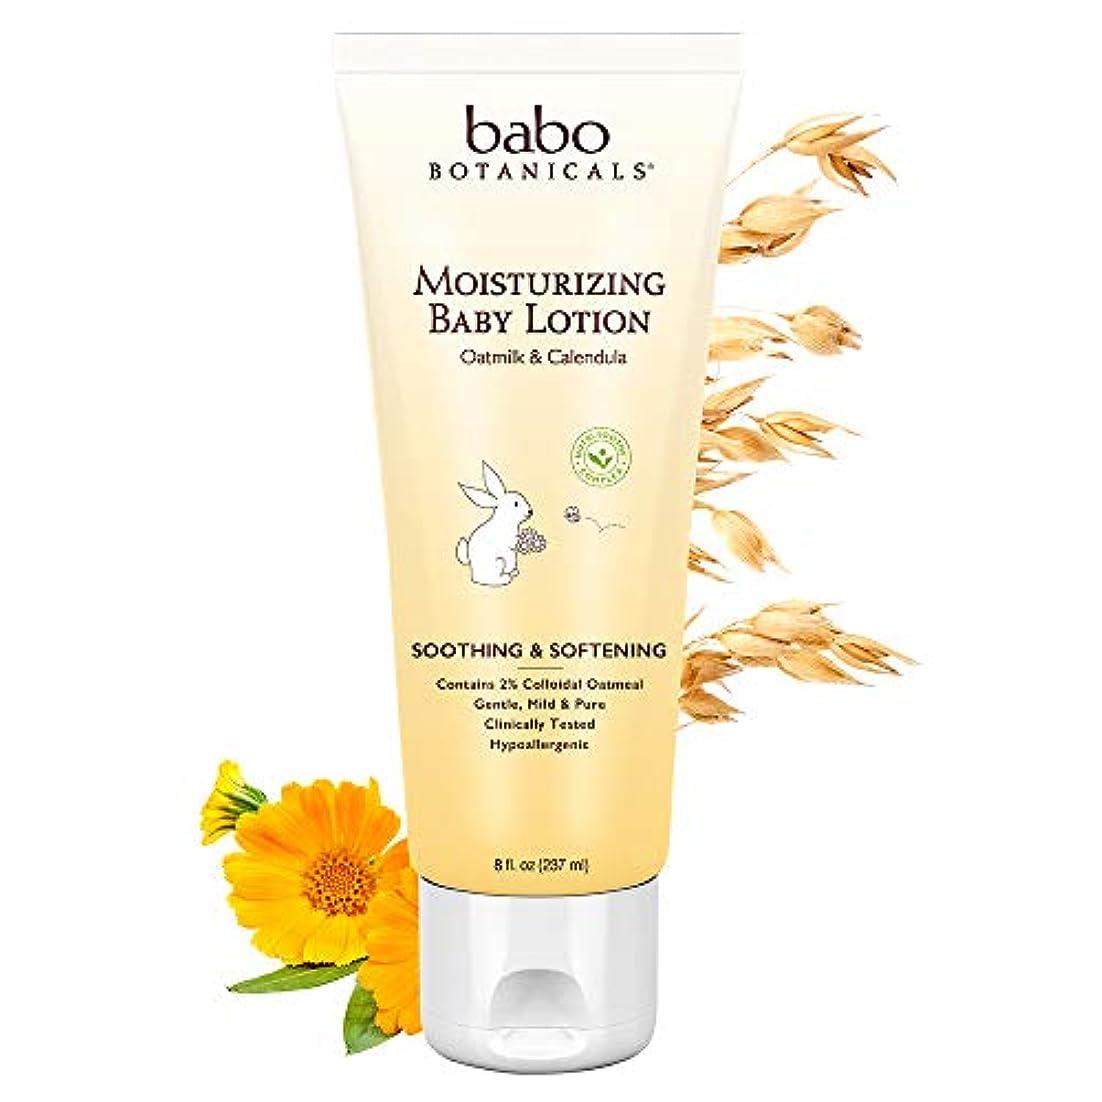 自動グローリンスBabo Botanicals Oatmilkカレンデュラ保湿ベビーローション、 - スージング敏感肌のためのベストのベビーローション。アトピー性皮膚炎を和らげるのに役立ちます。ナチュラルオーツとオーガニックカレンデュラ...